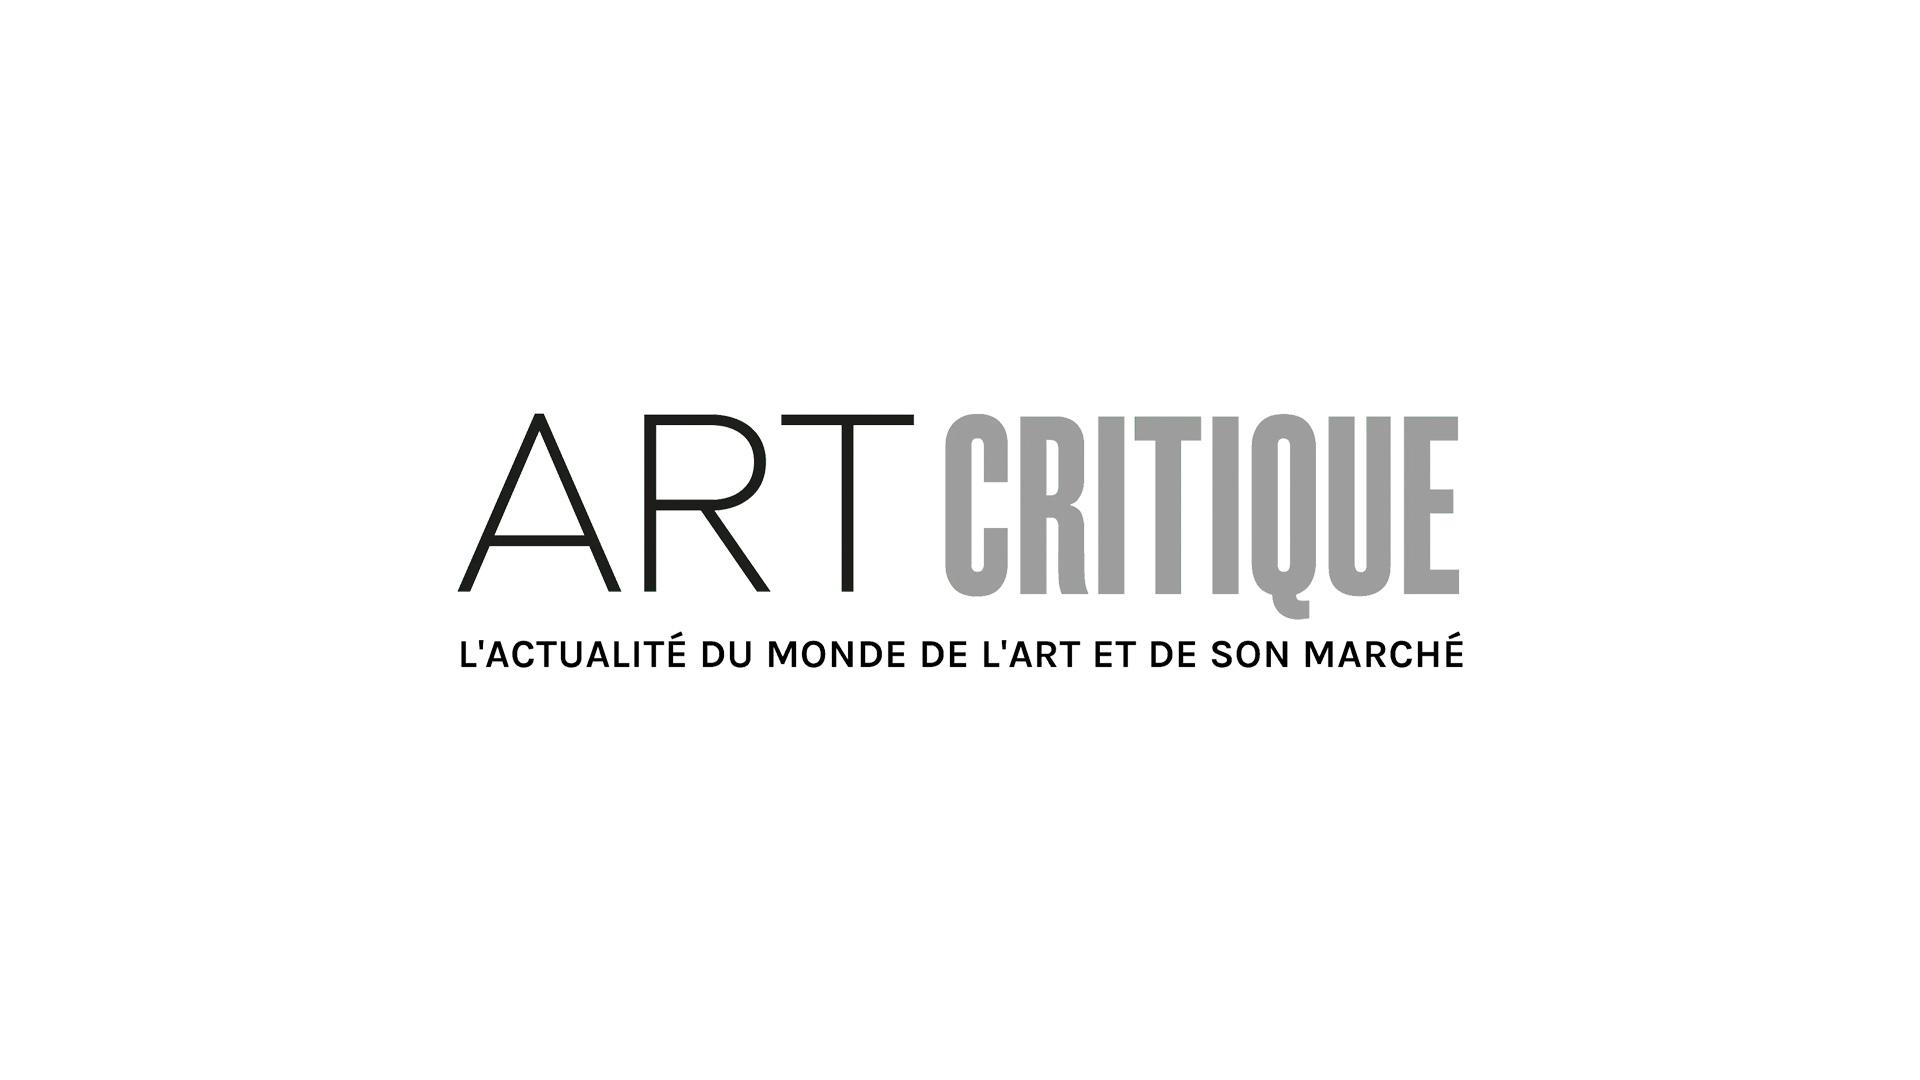 Judge rules Koons, Centre Pompidou owe Franck Davidovici €190,000 for copyright infringement